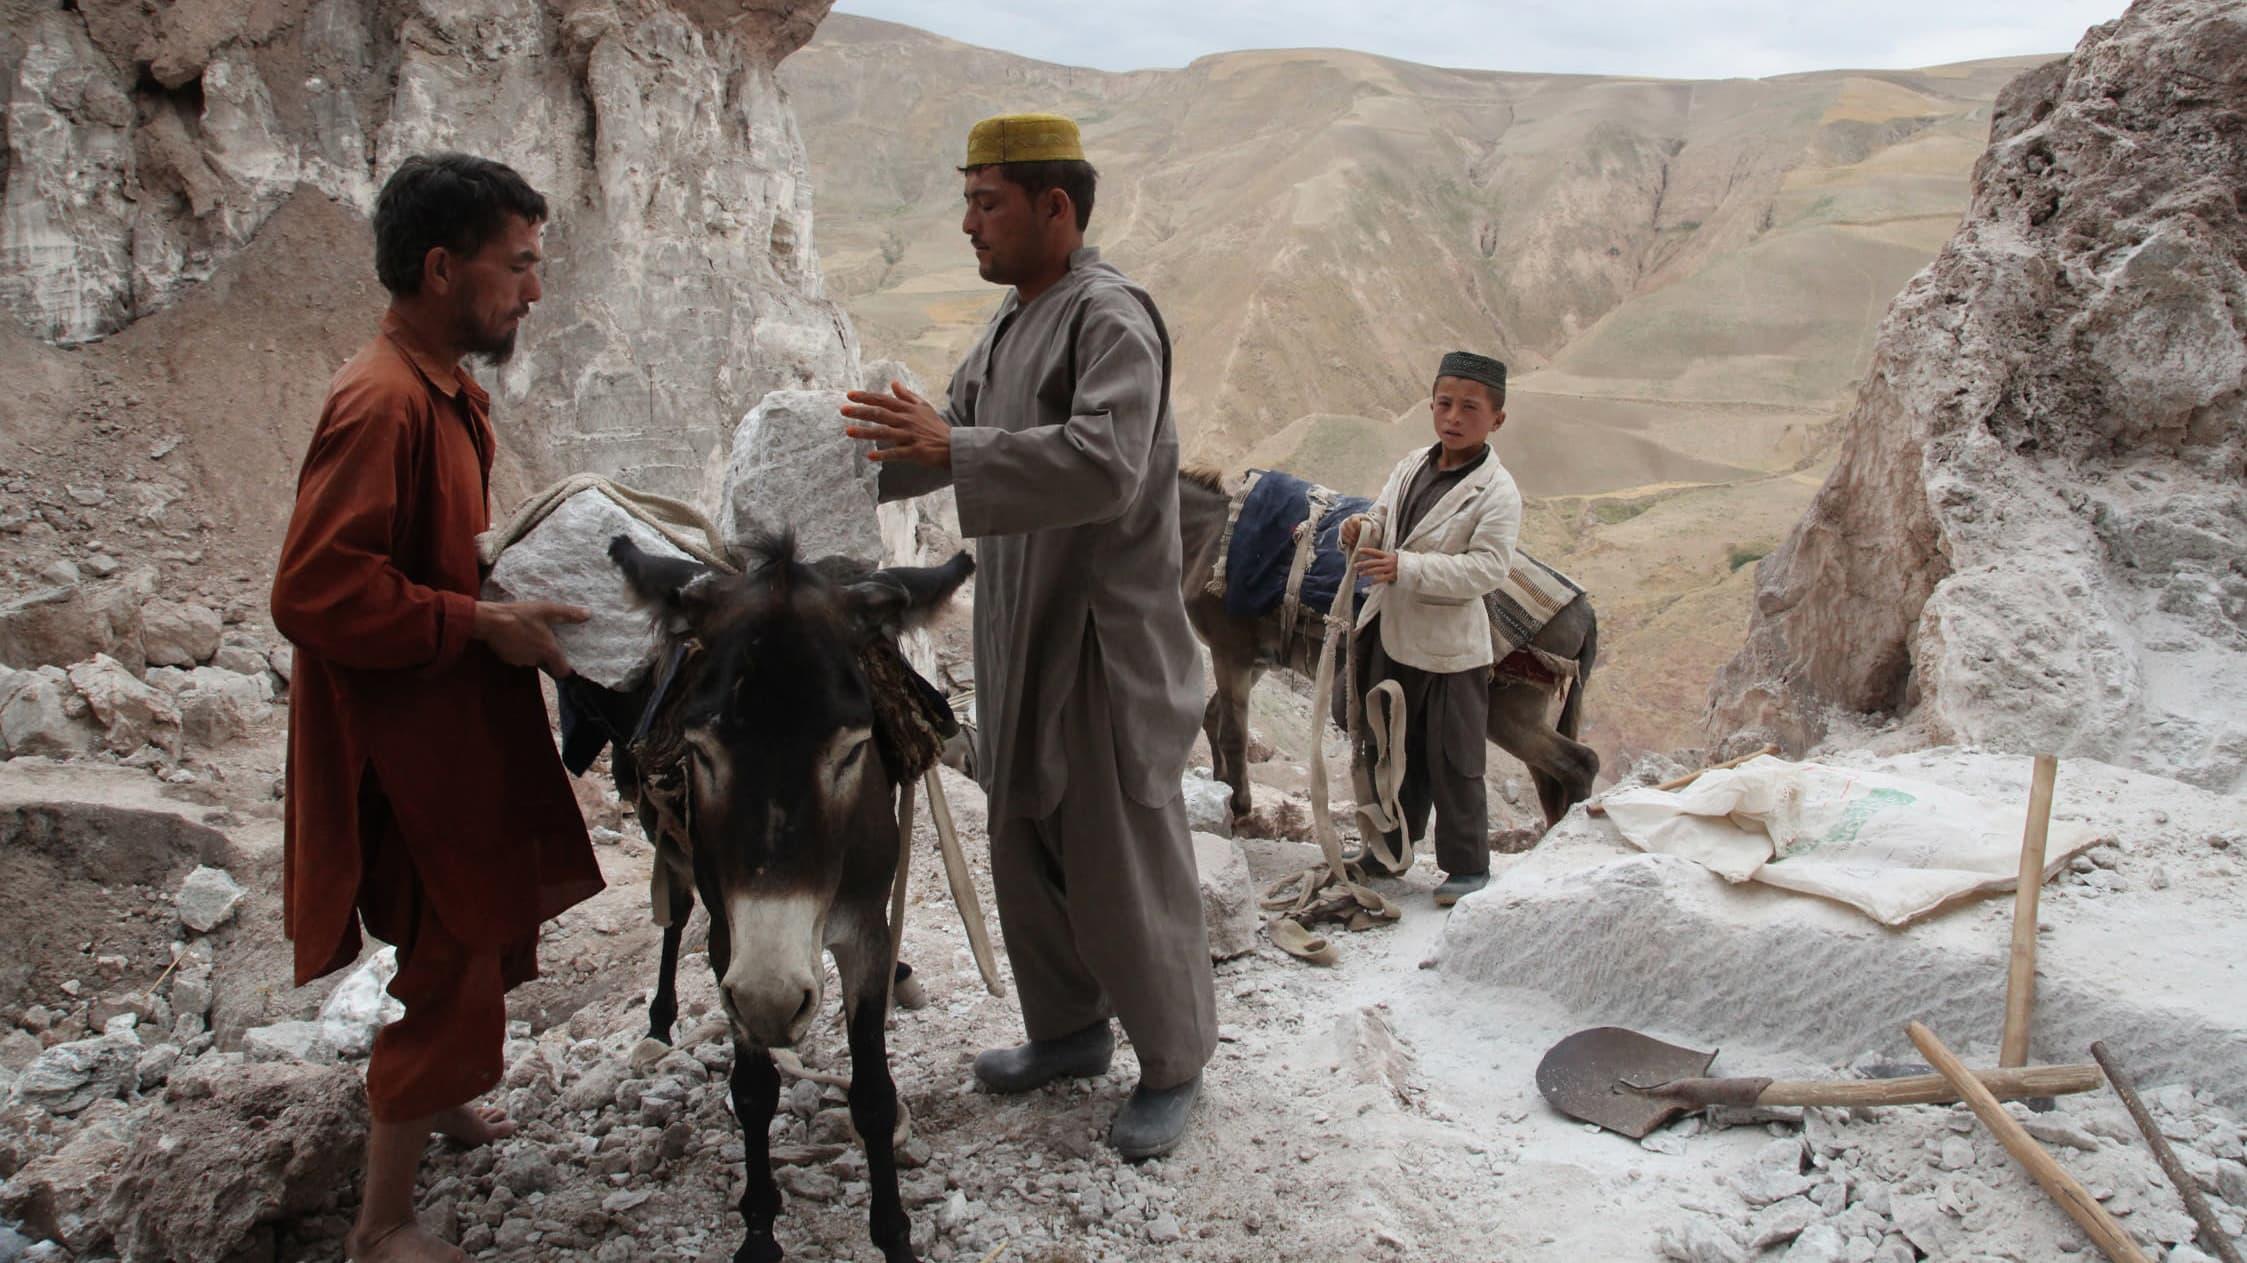 Afganistanilaiset miehet kiinnittävät suolakiviä aasin selkään.